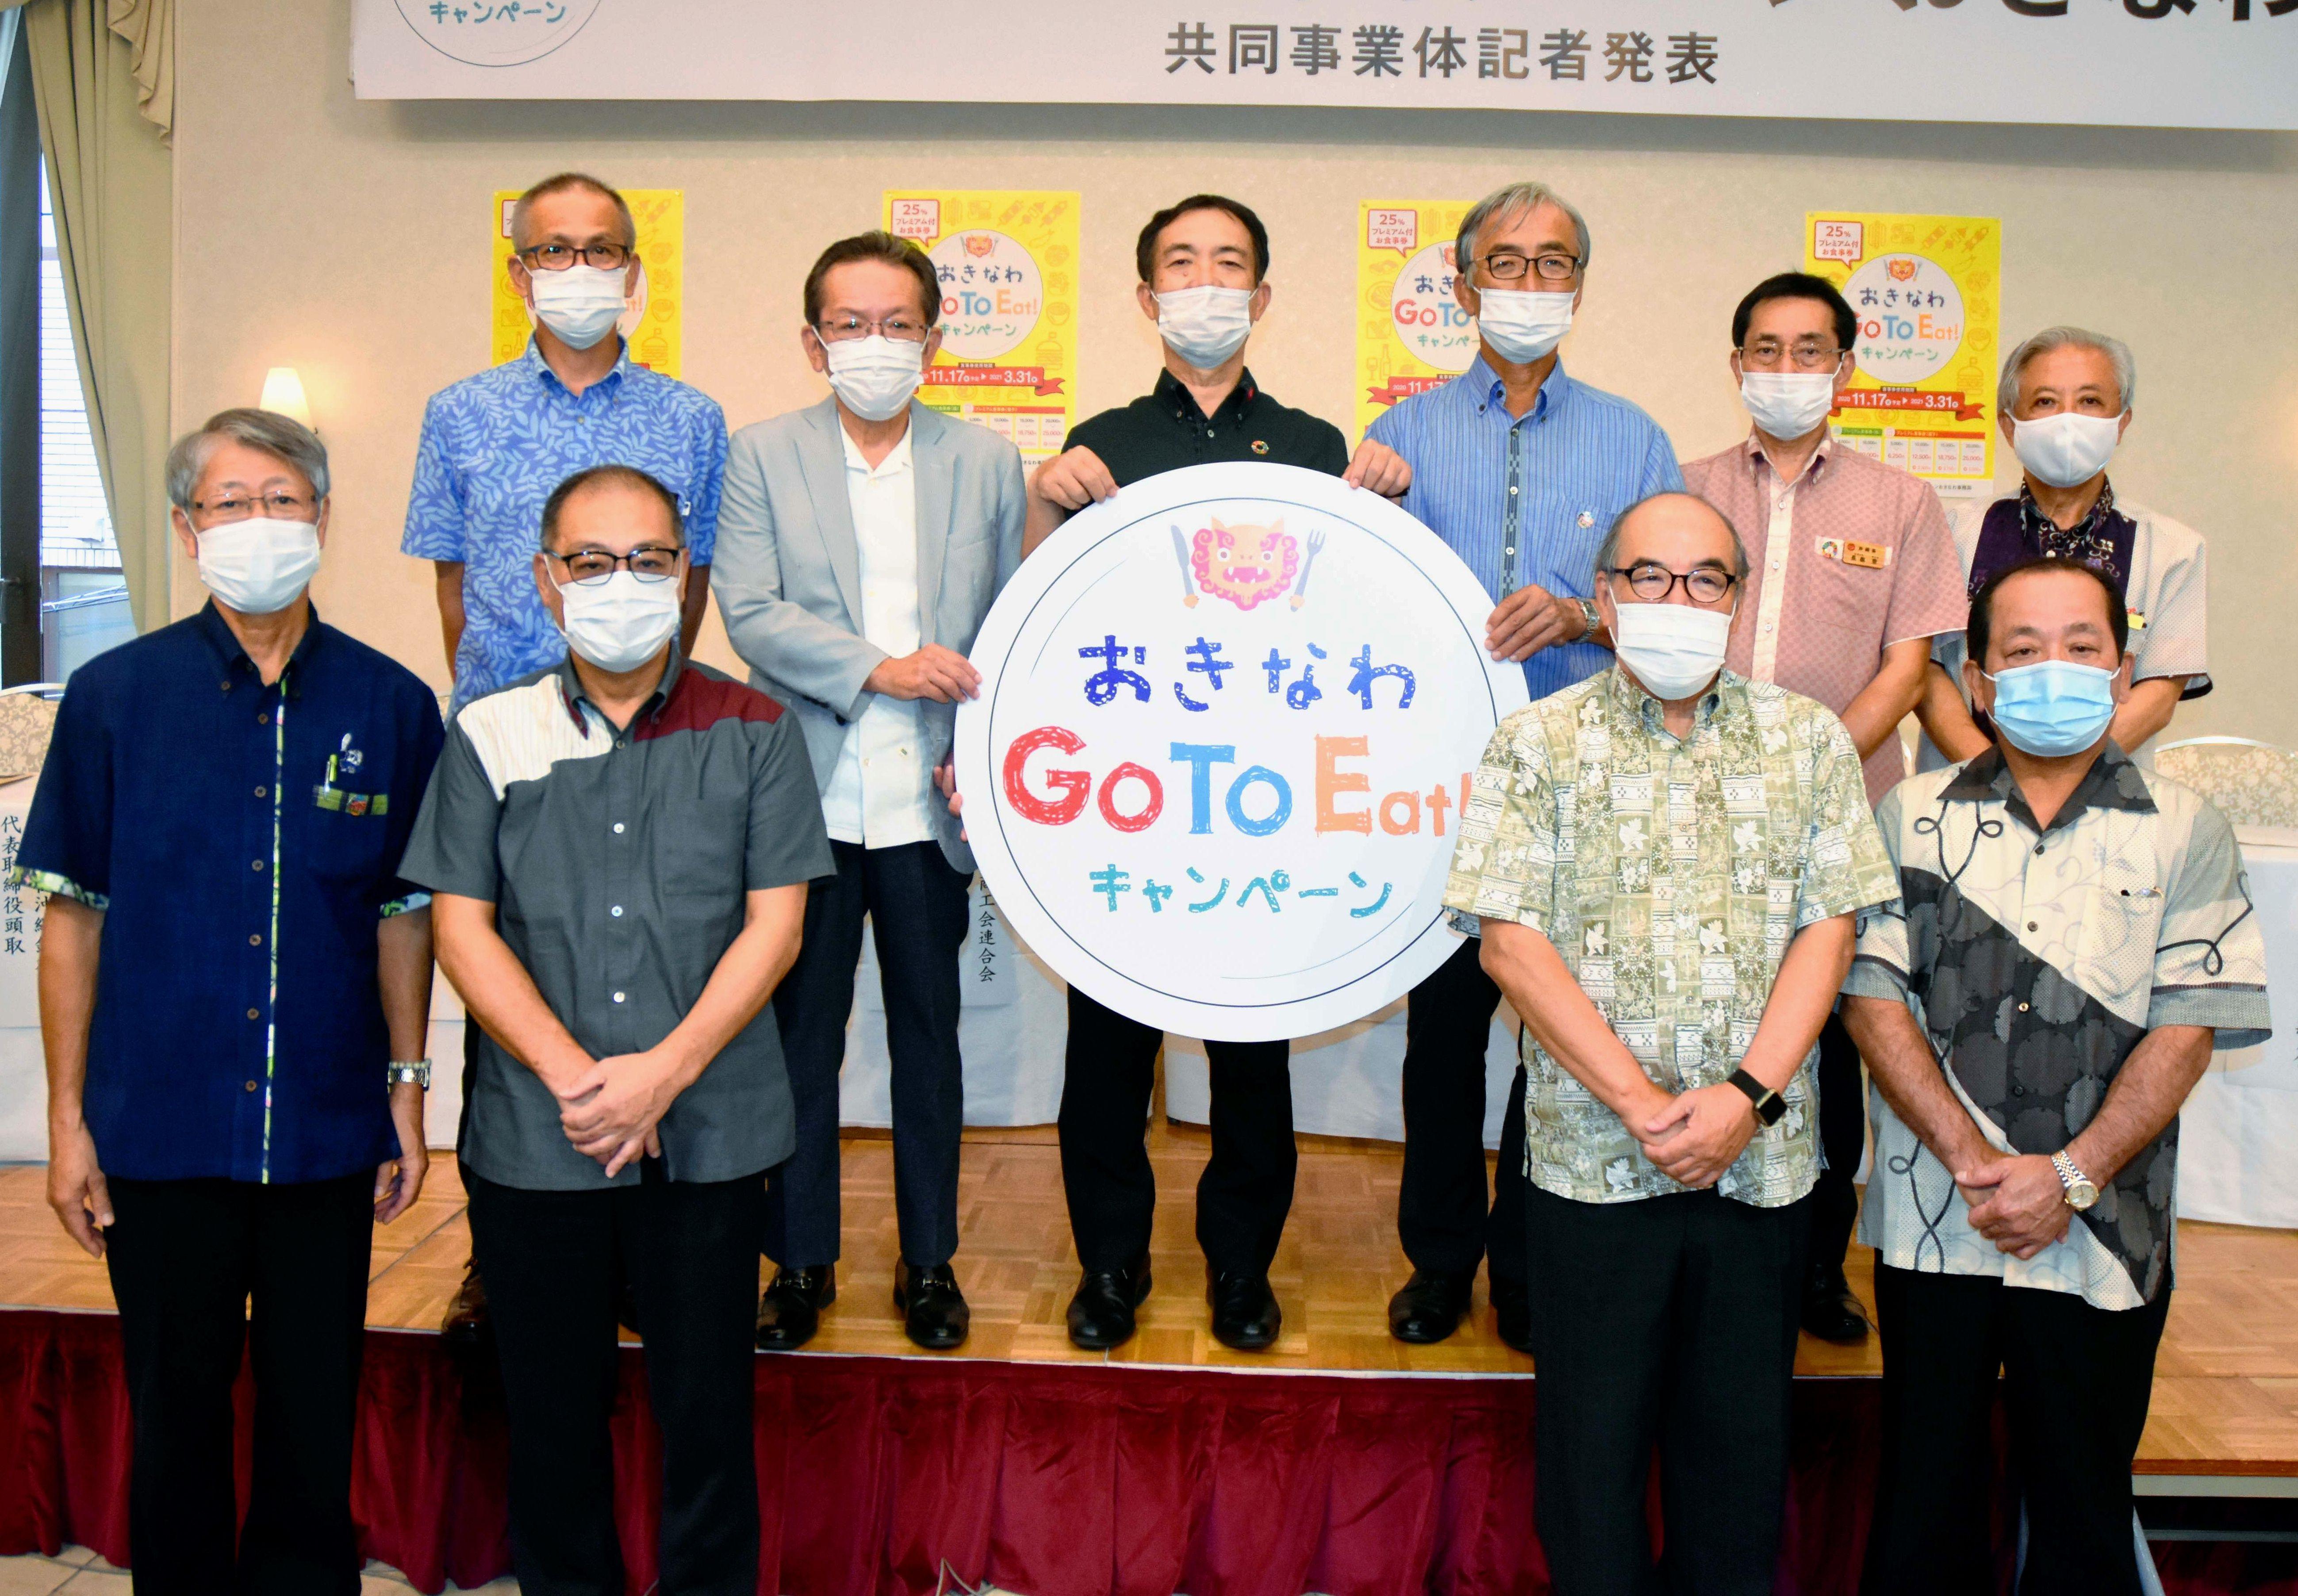 沖縄 ゴートゥー イート キャンペーン